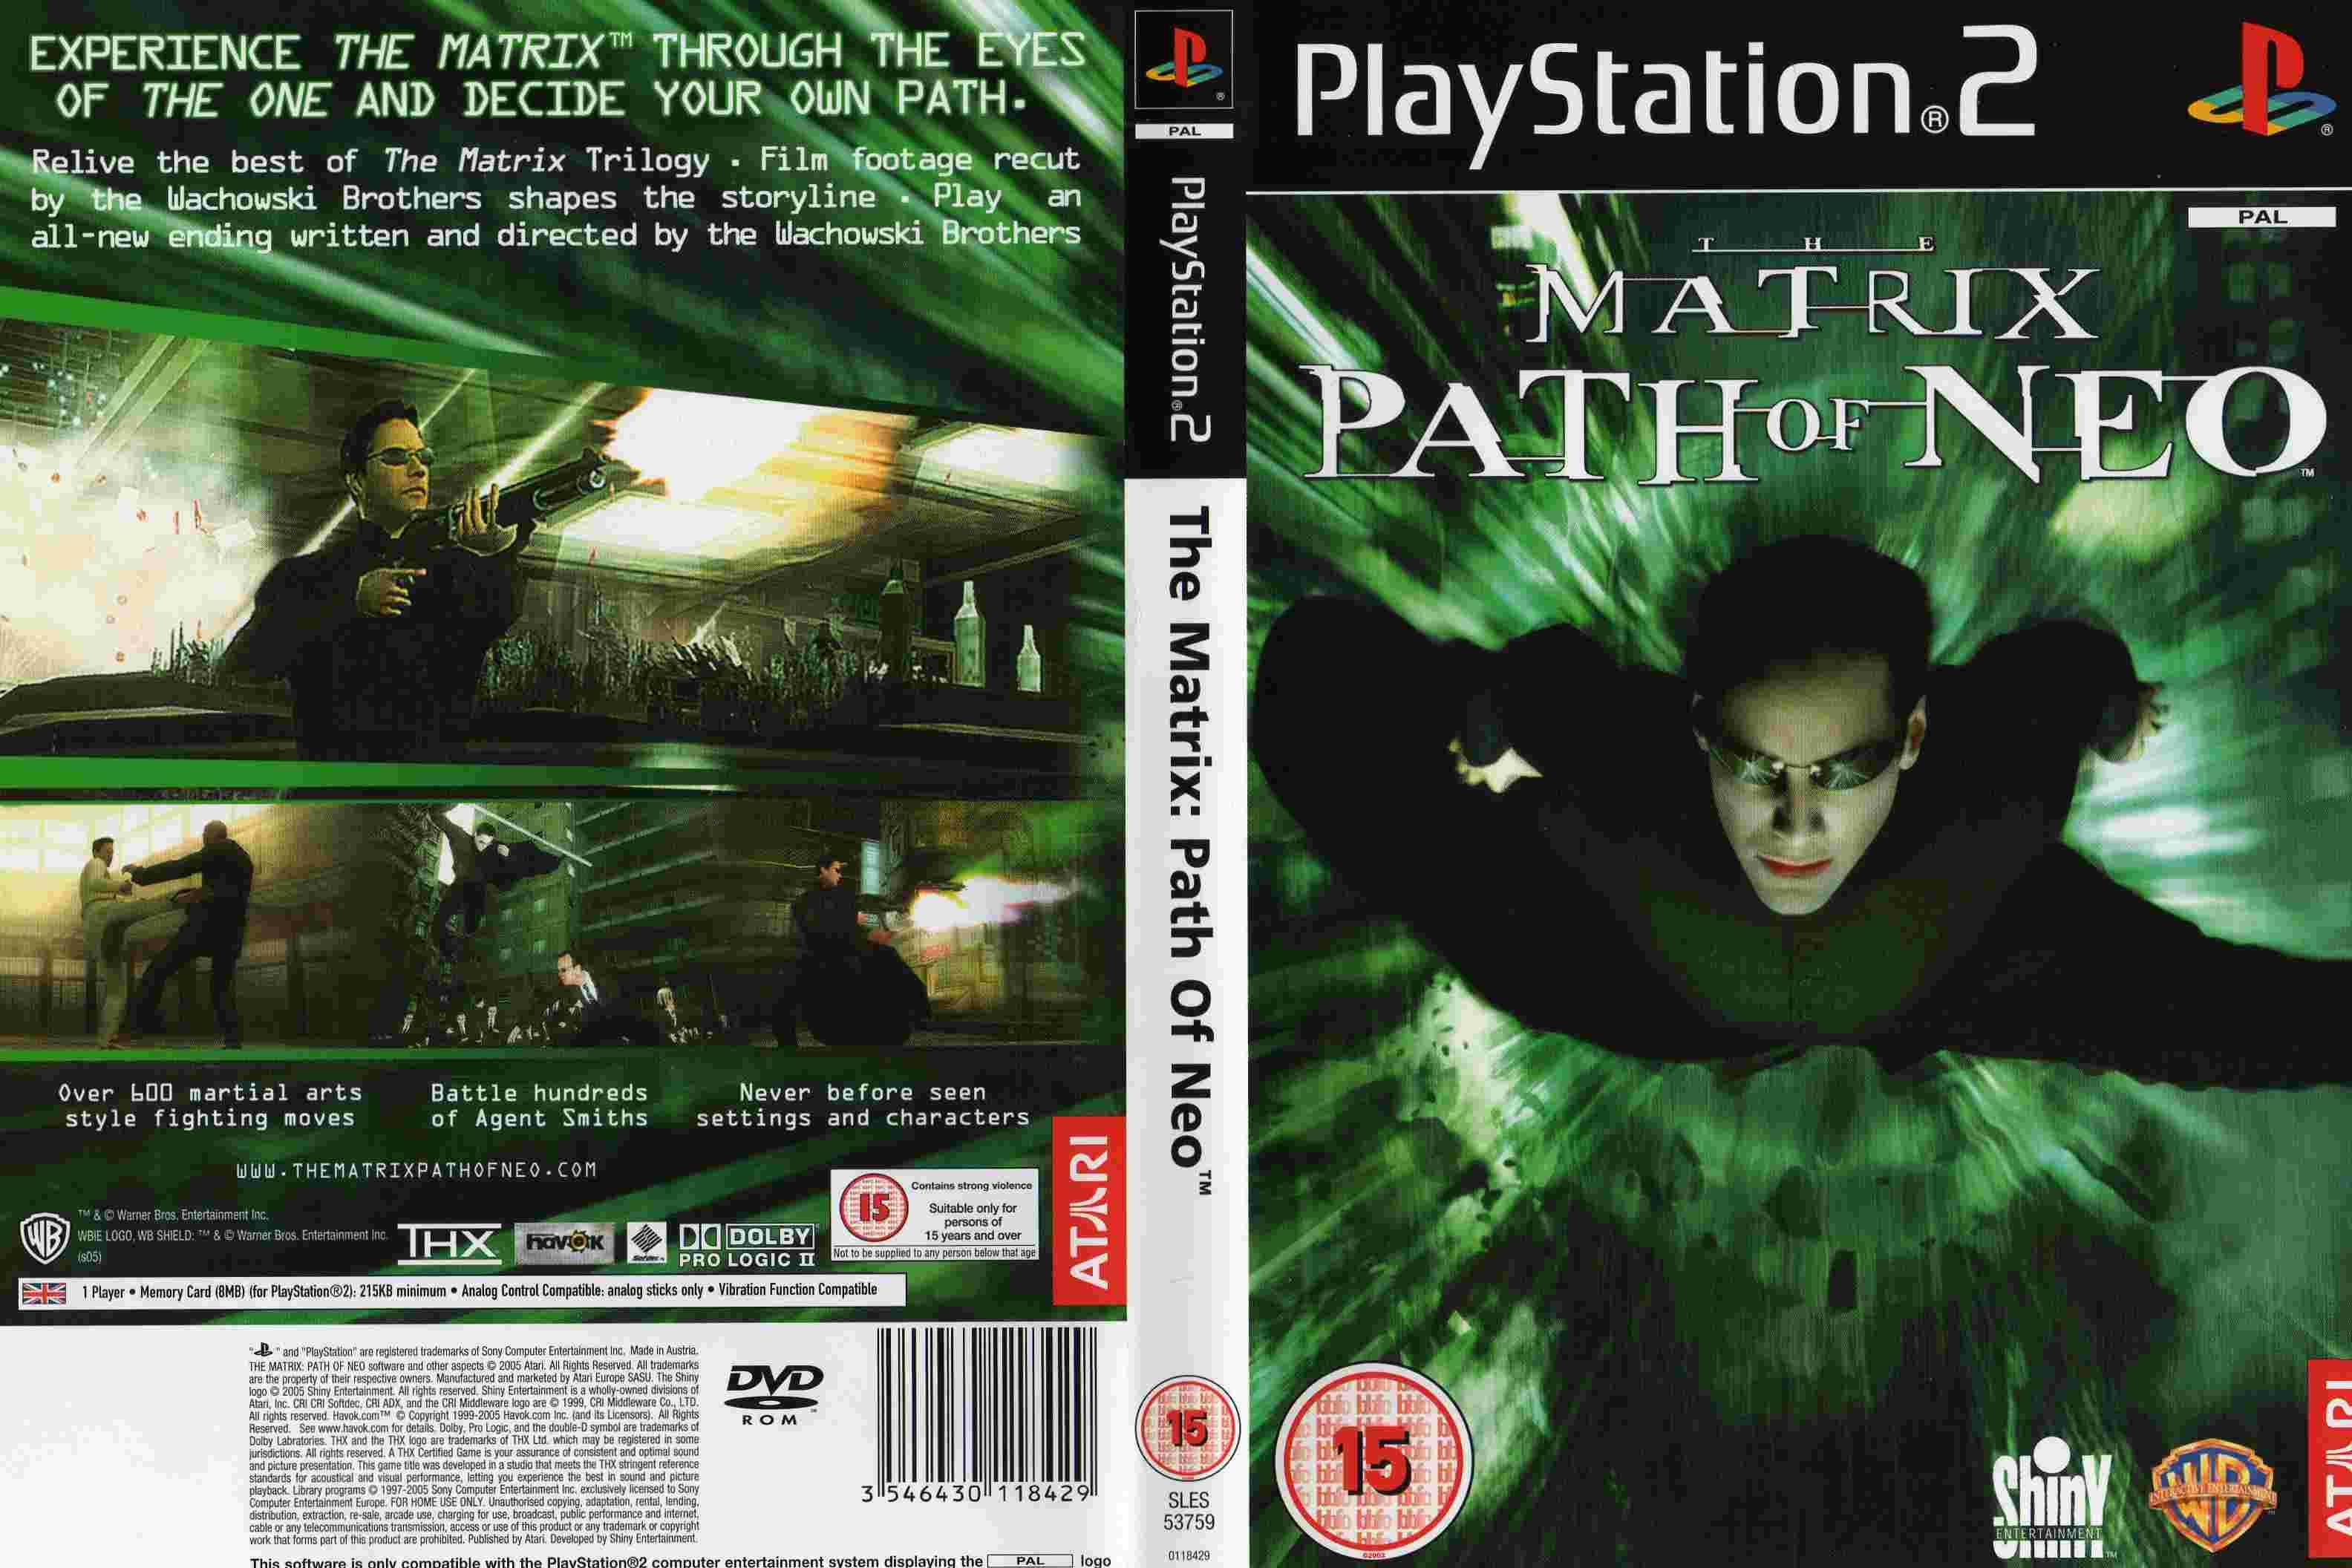 The Matrix: Patho of Neo